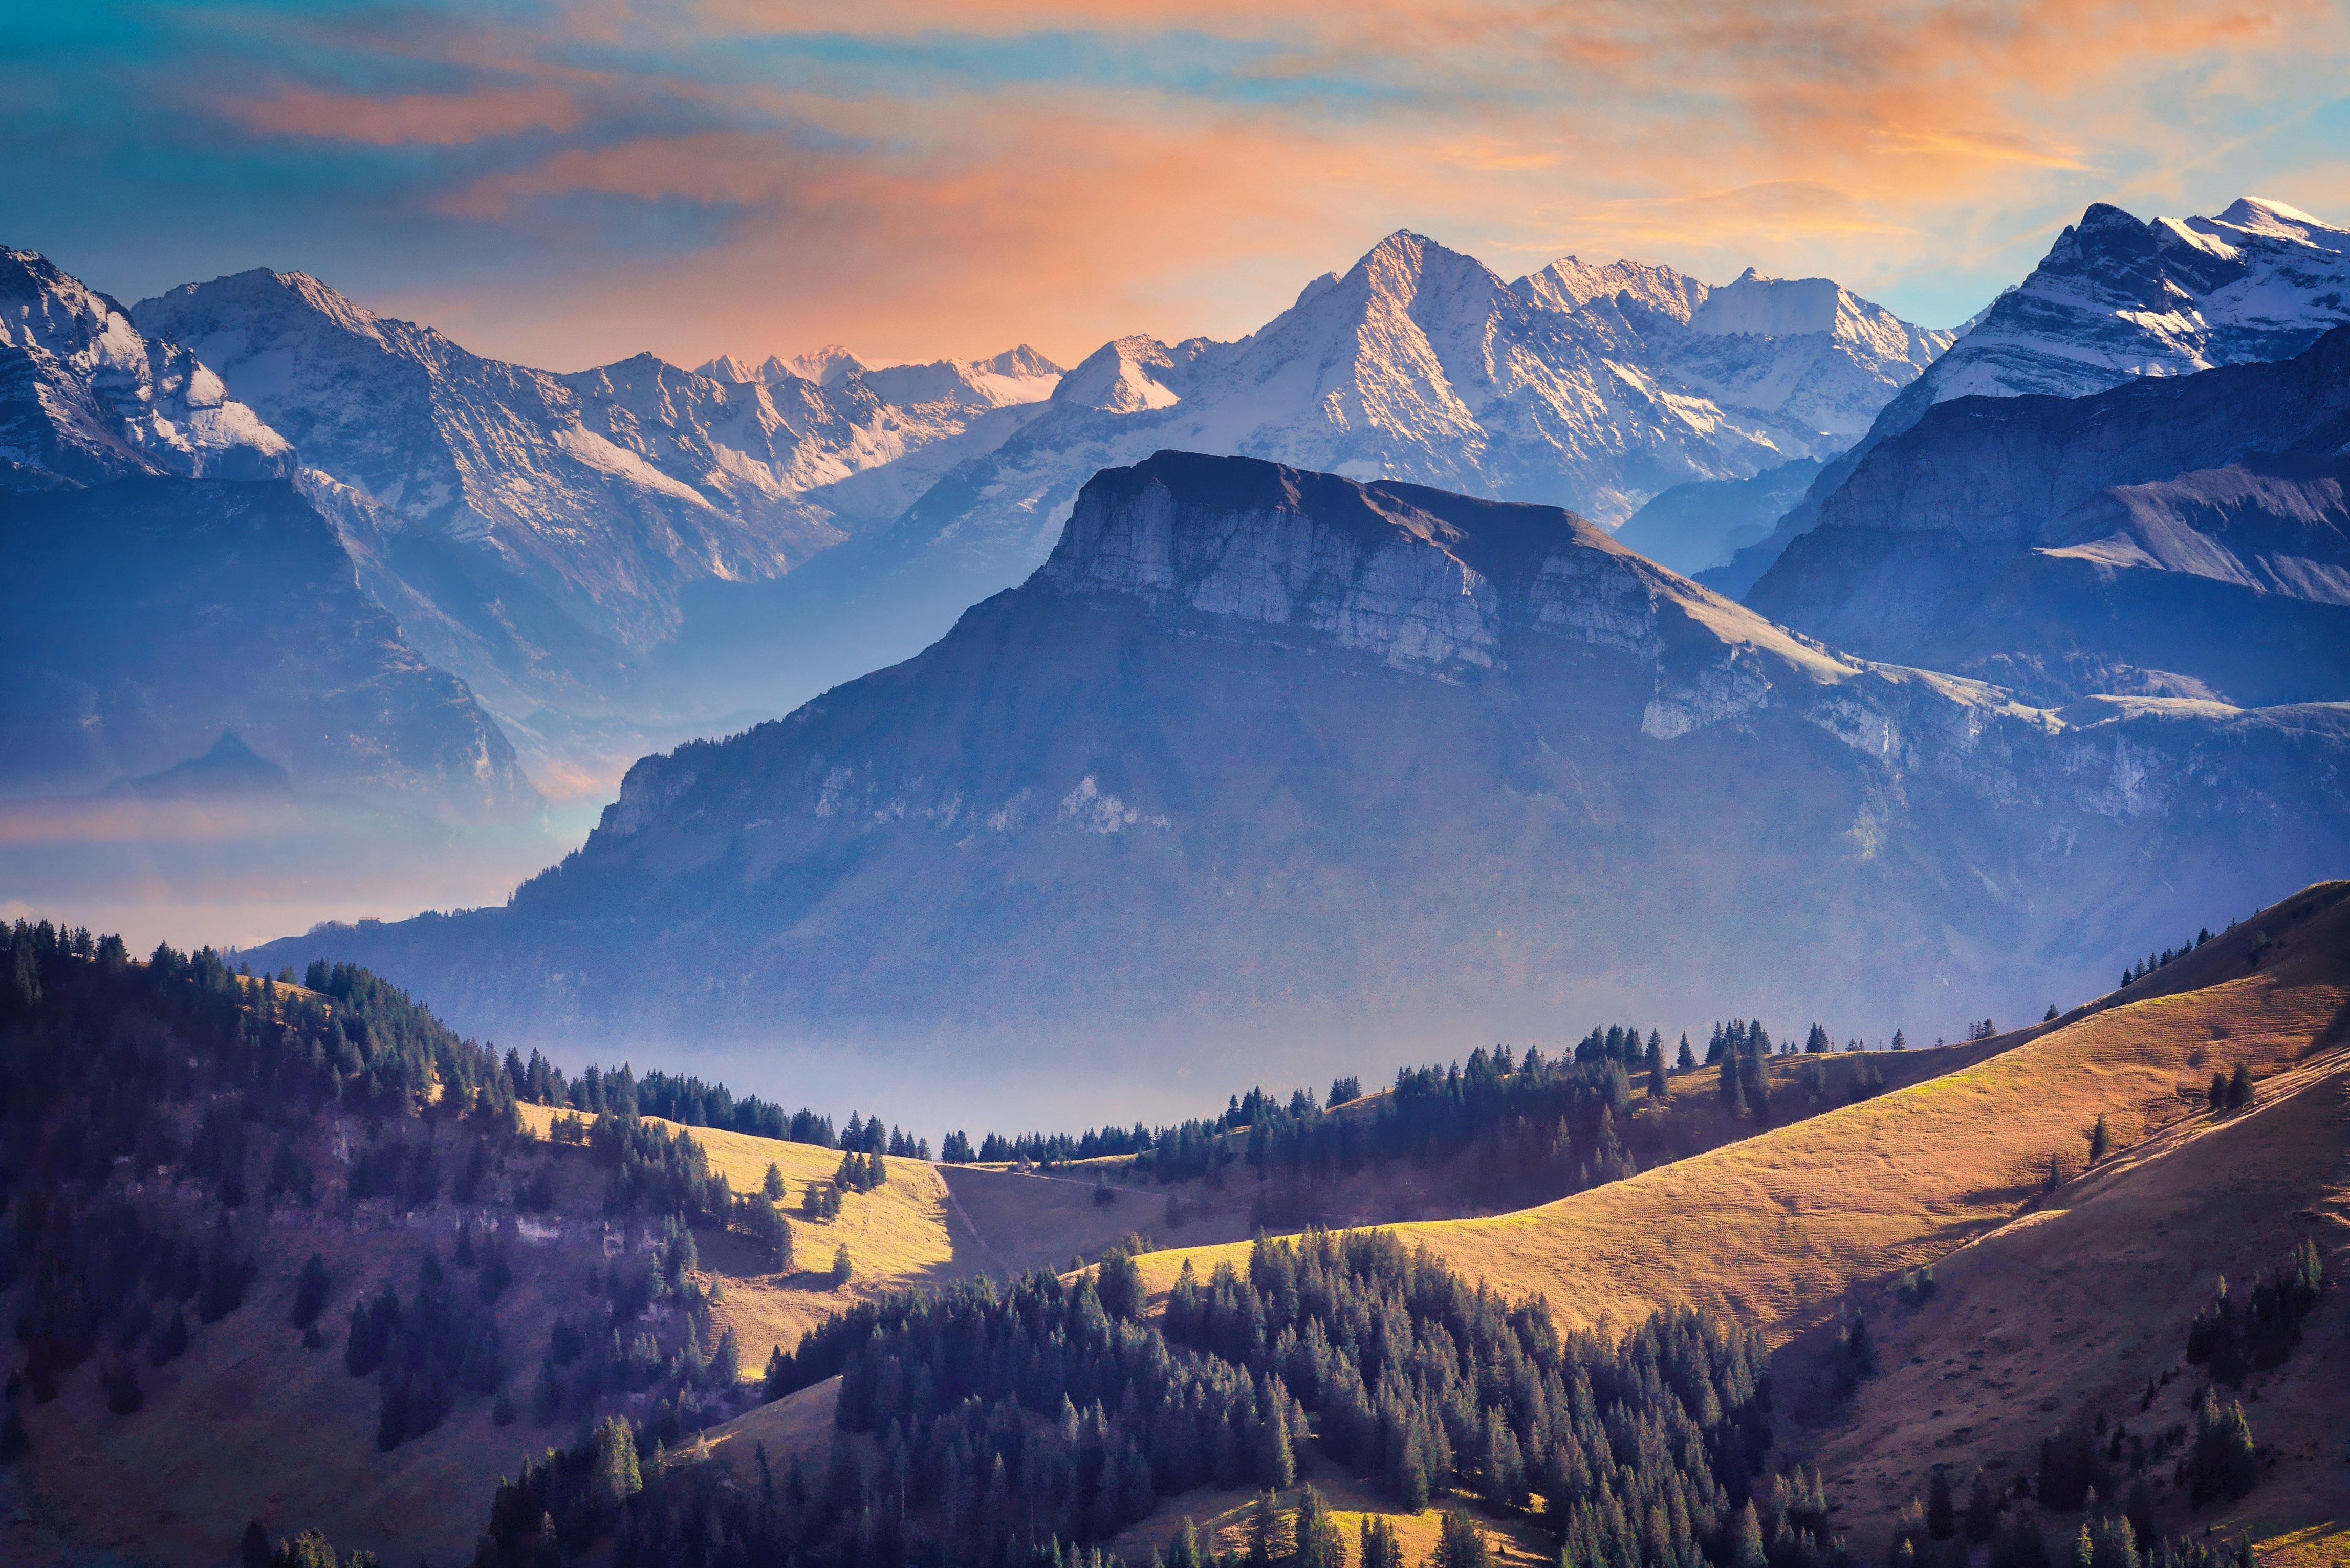 landscape alpine mountains landscape 4k 1602504898 - Landscape Alpine Mountains Landscape 4k - Landscape Alpine Mountains Landscape 4k wallpapers